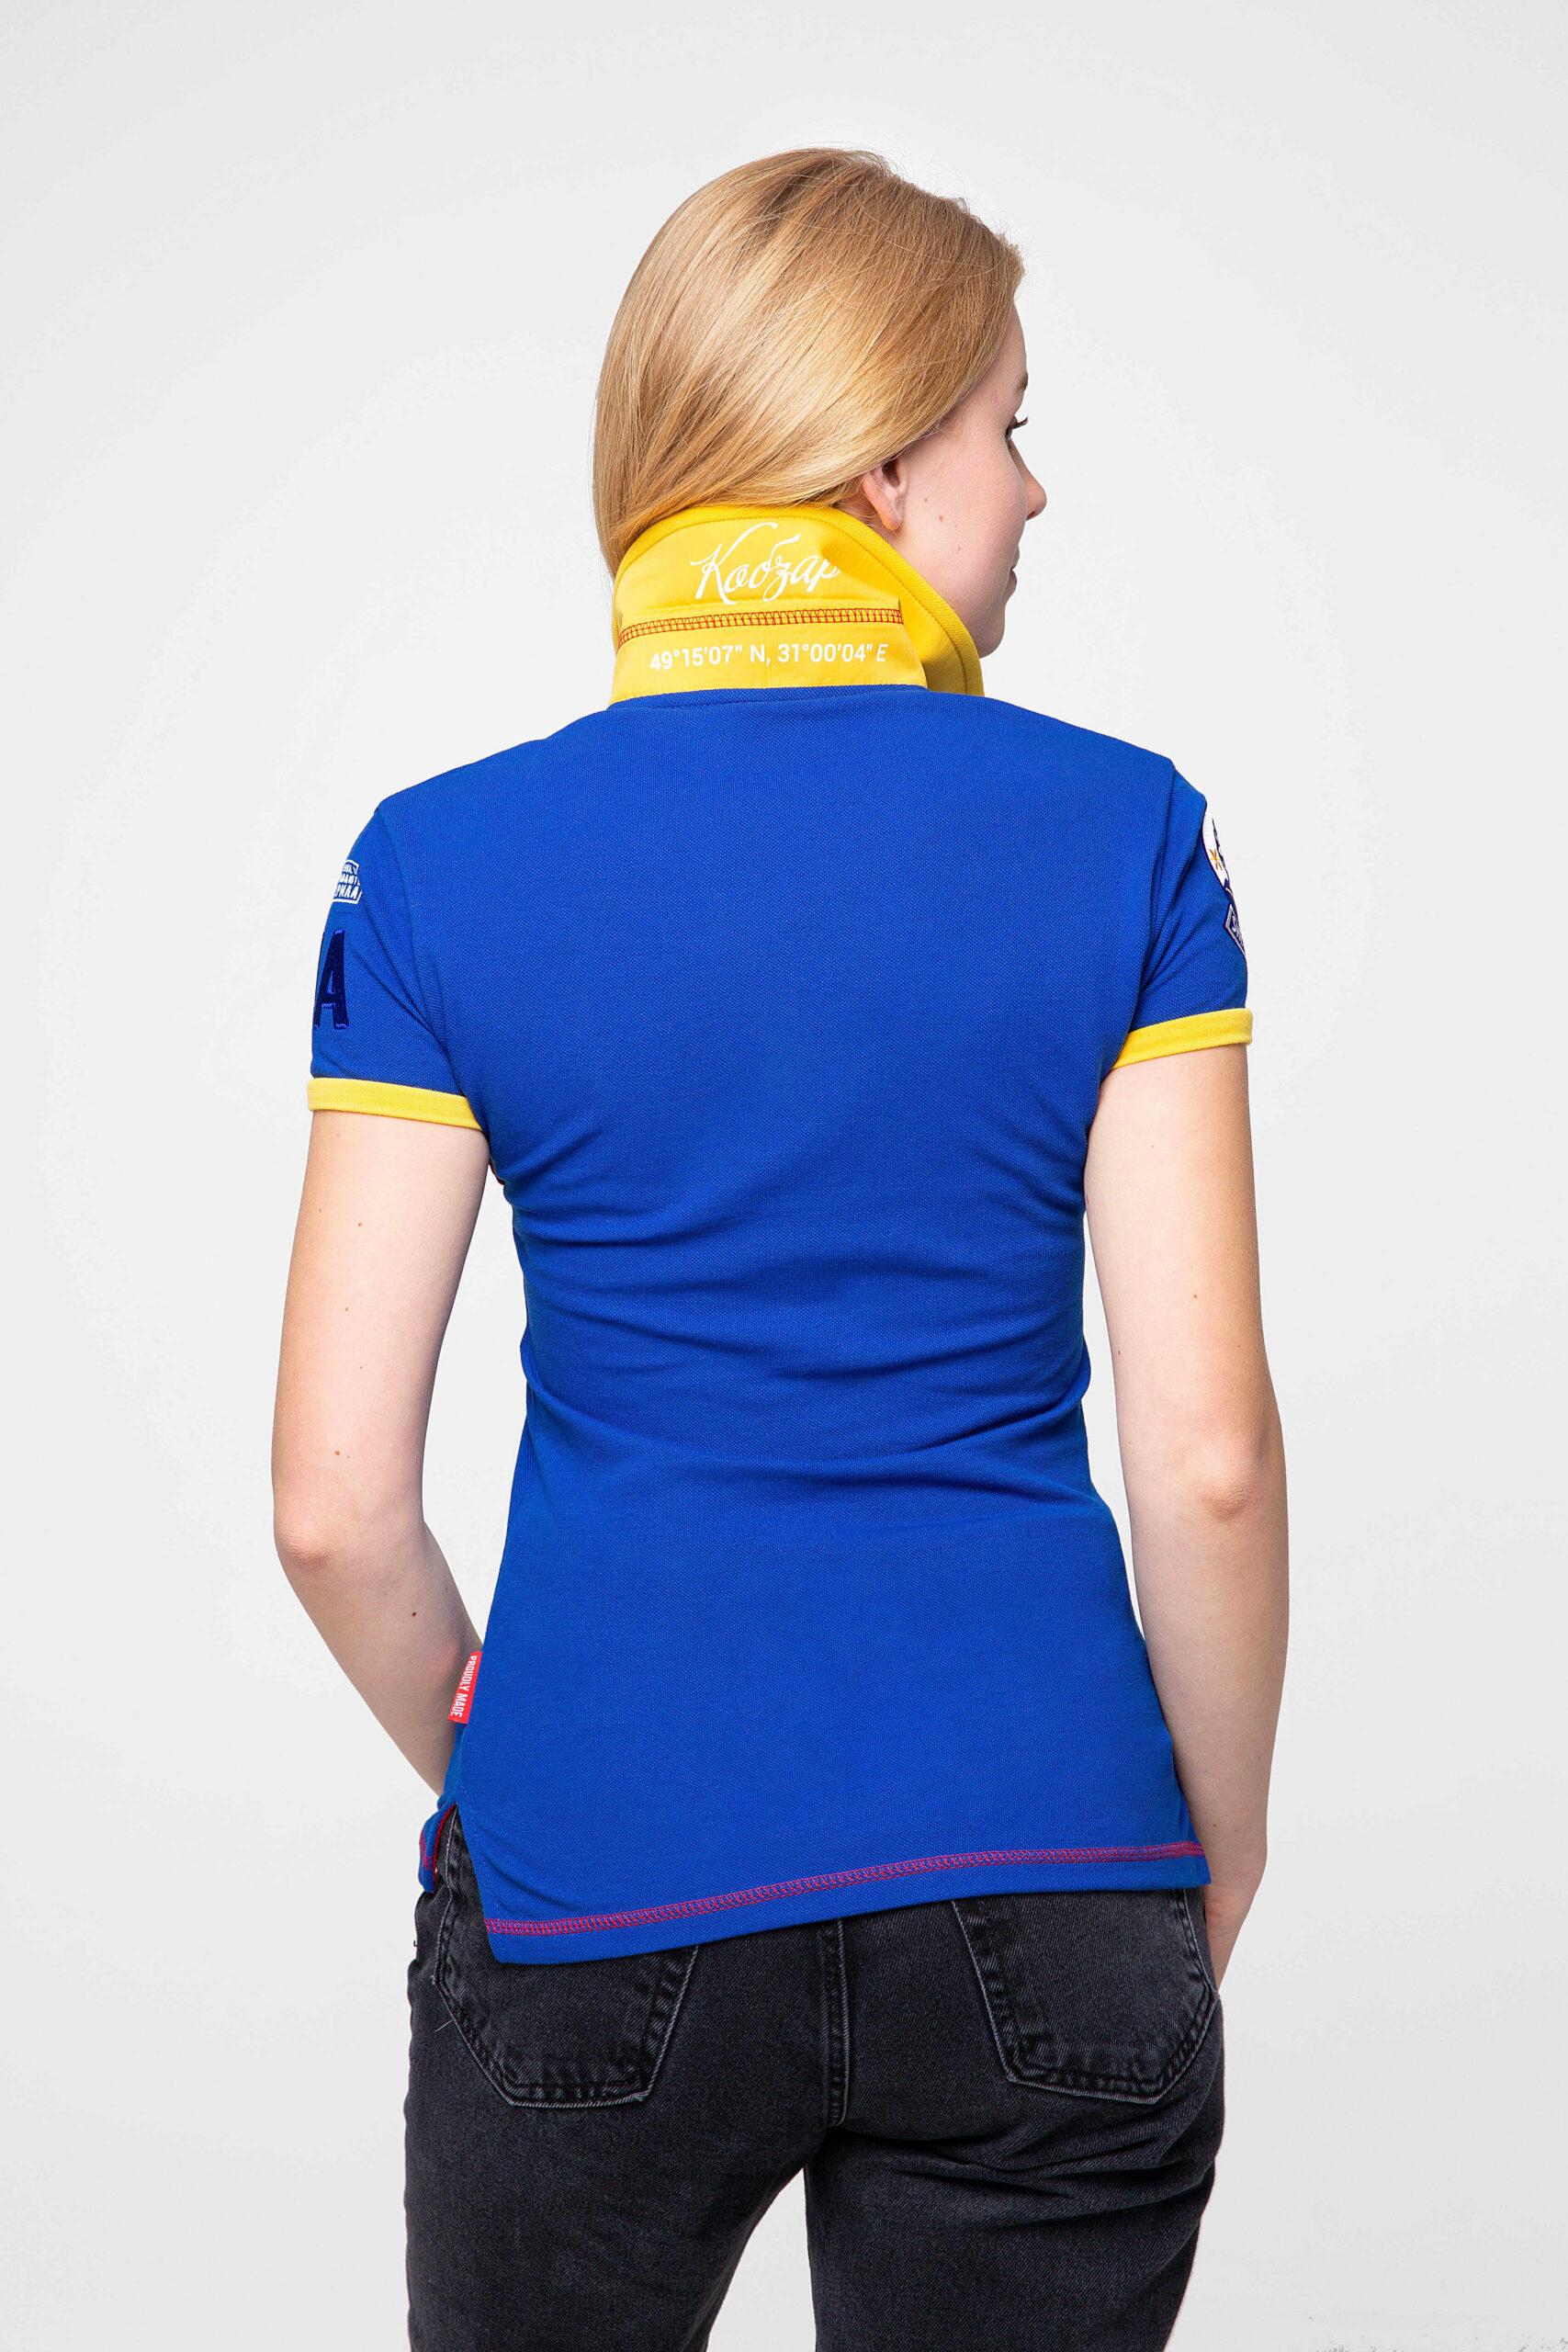 Жіноче Поло Тарас Шевченко. Колір синій.  Розмір на моделі: XS.